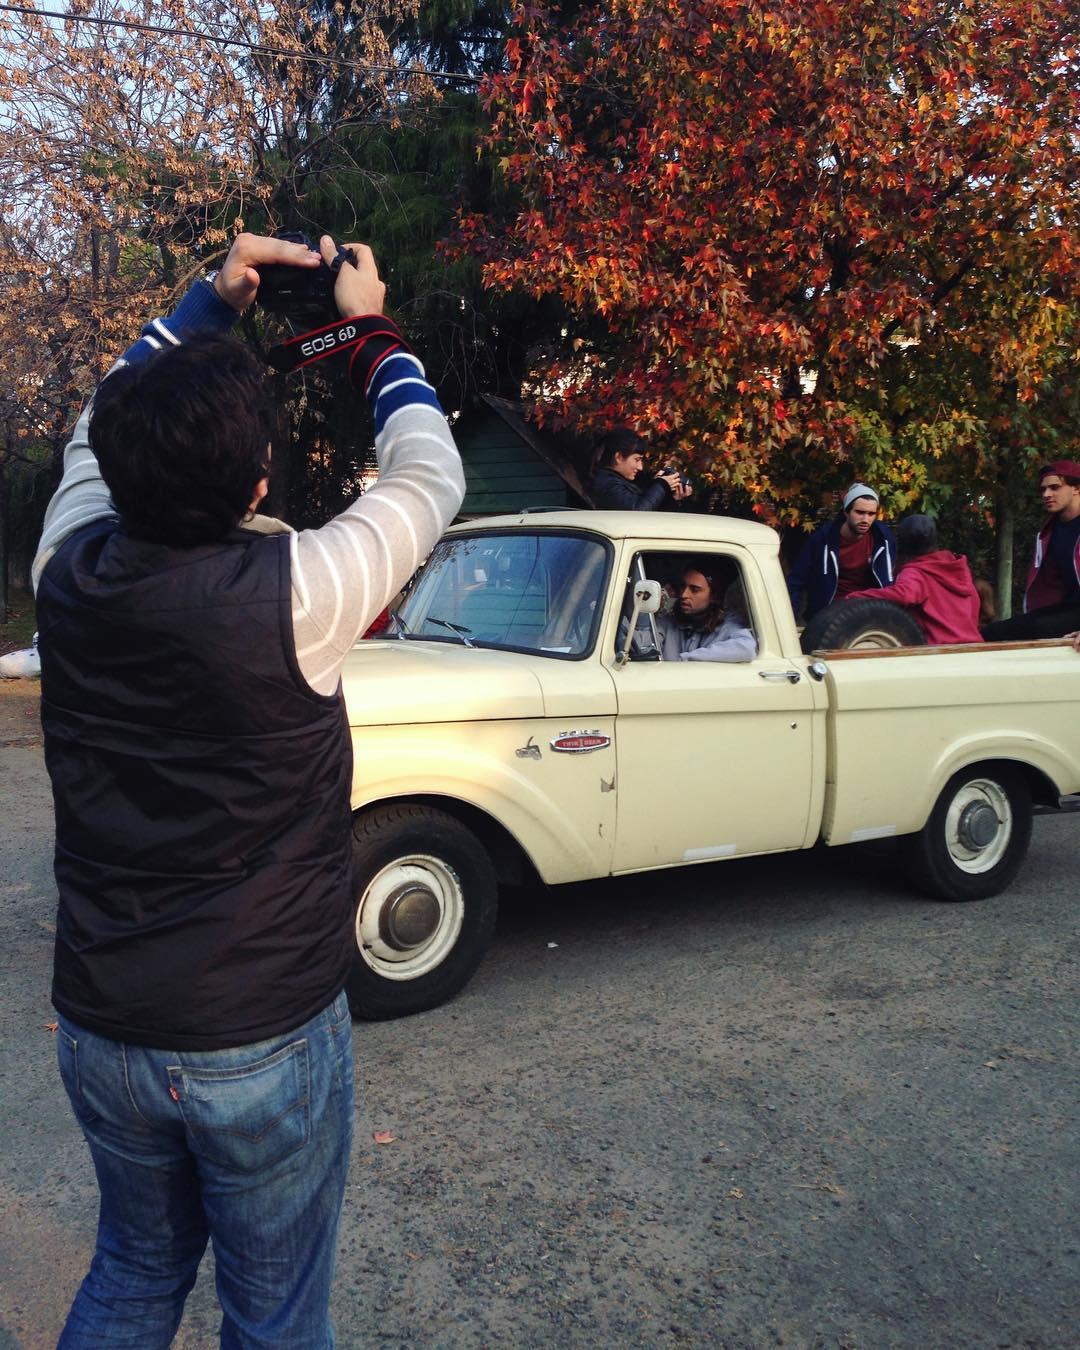 En plena producción de otoño invierno de Bull Rider! Un crew increíble de modelos, fotógrafos, riders... No se pierdan lo nuevo que se viene: buzos y Beanies #fotos #winter #thecrew #f100 #V8 #twinIbeam #1967 #vintage #truck #ford